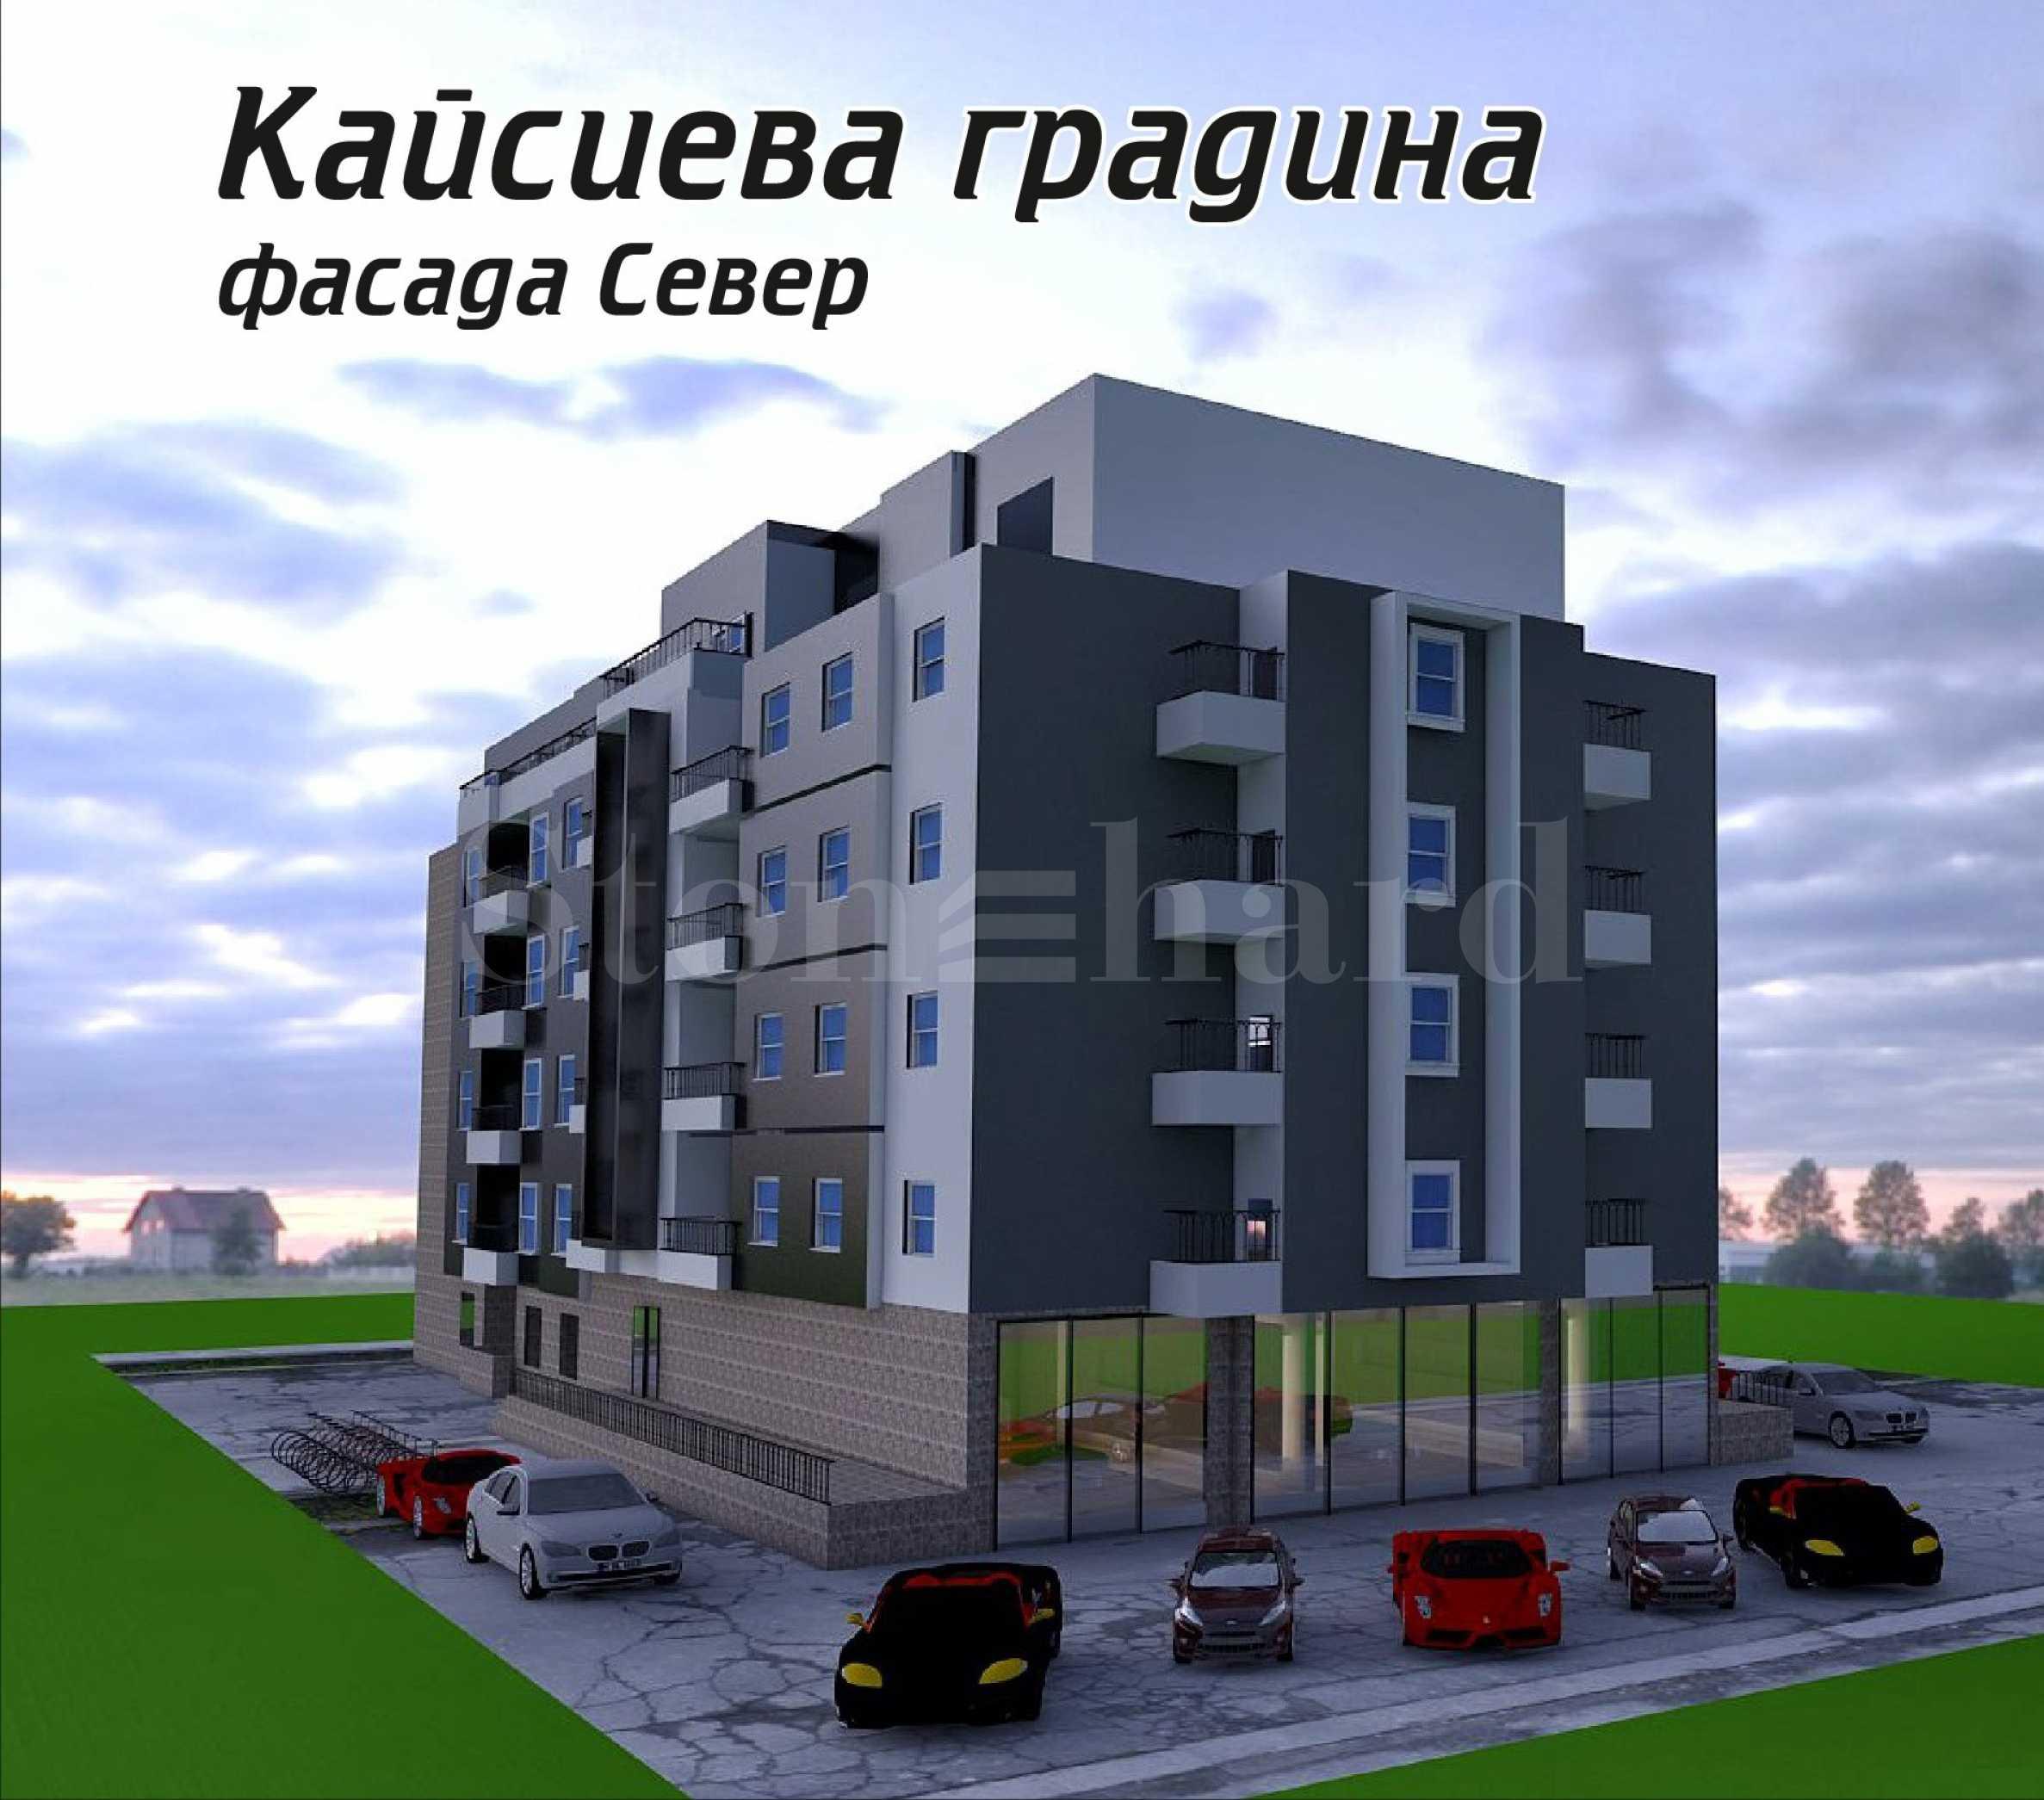 Новостроящ се комплекс от две сгради в кв. Кайсиева градина1 - Stonehard